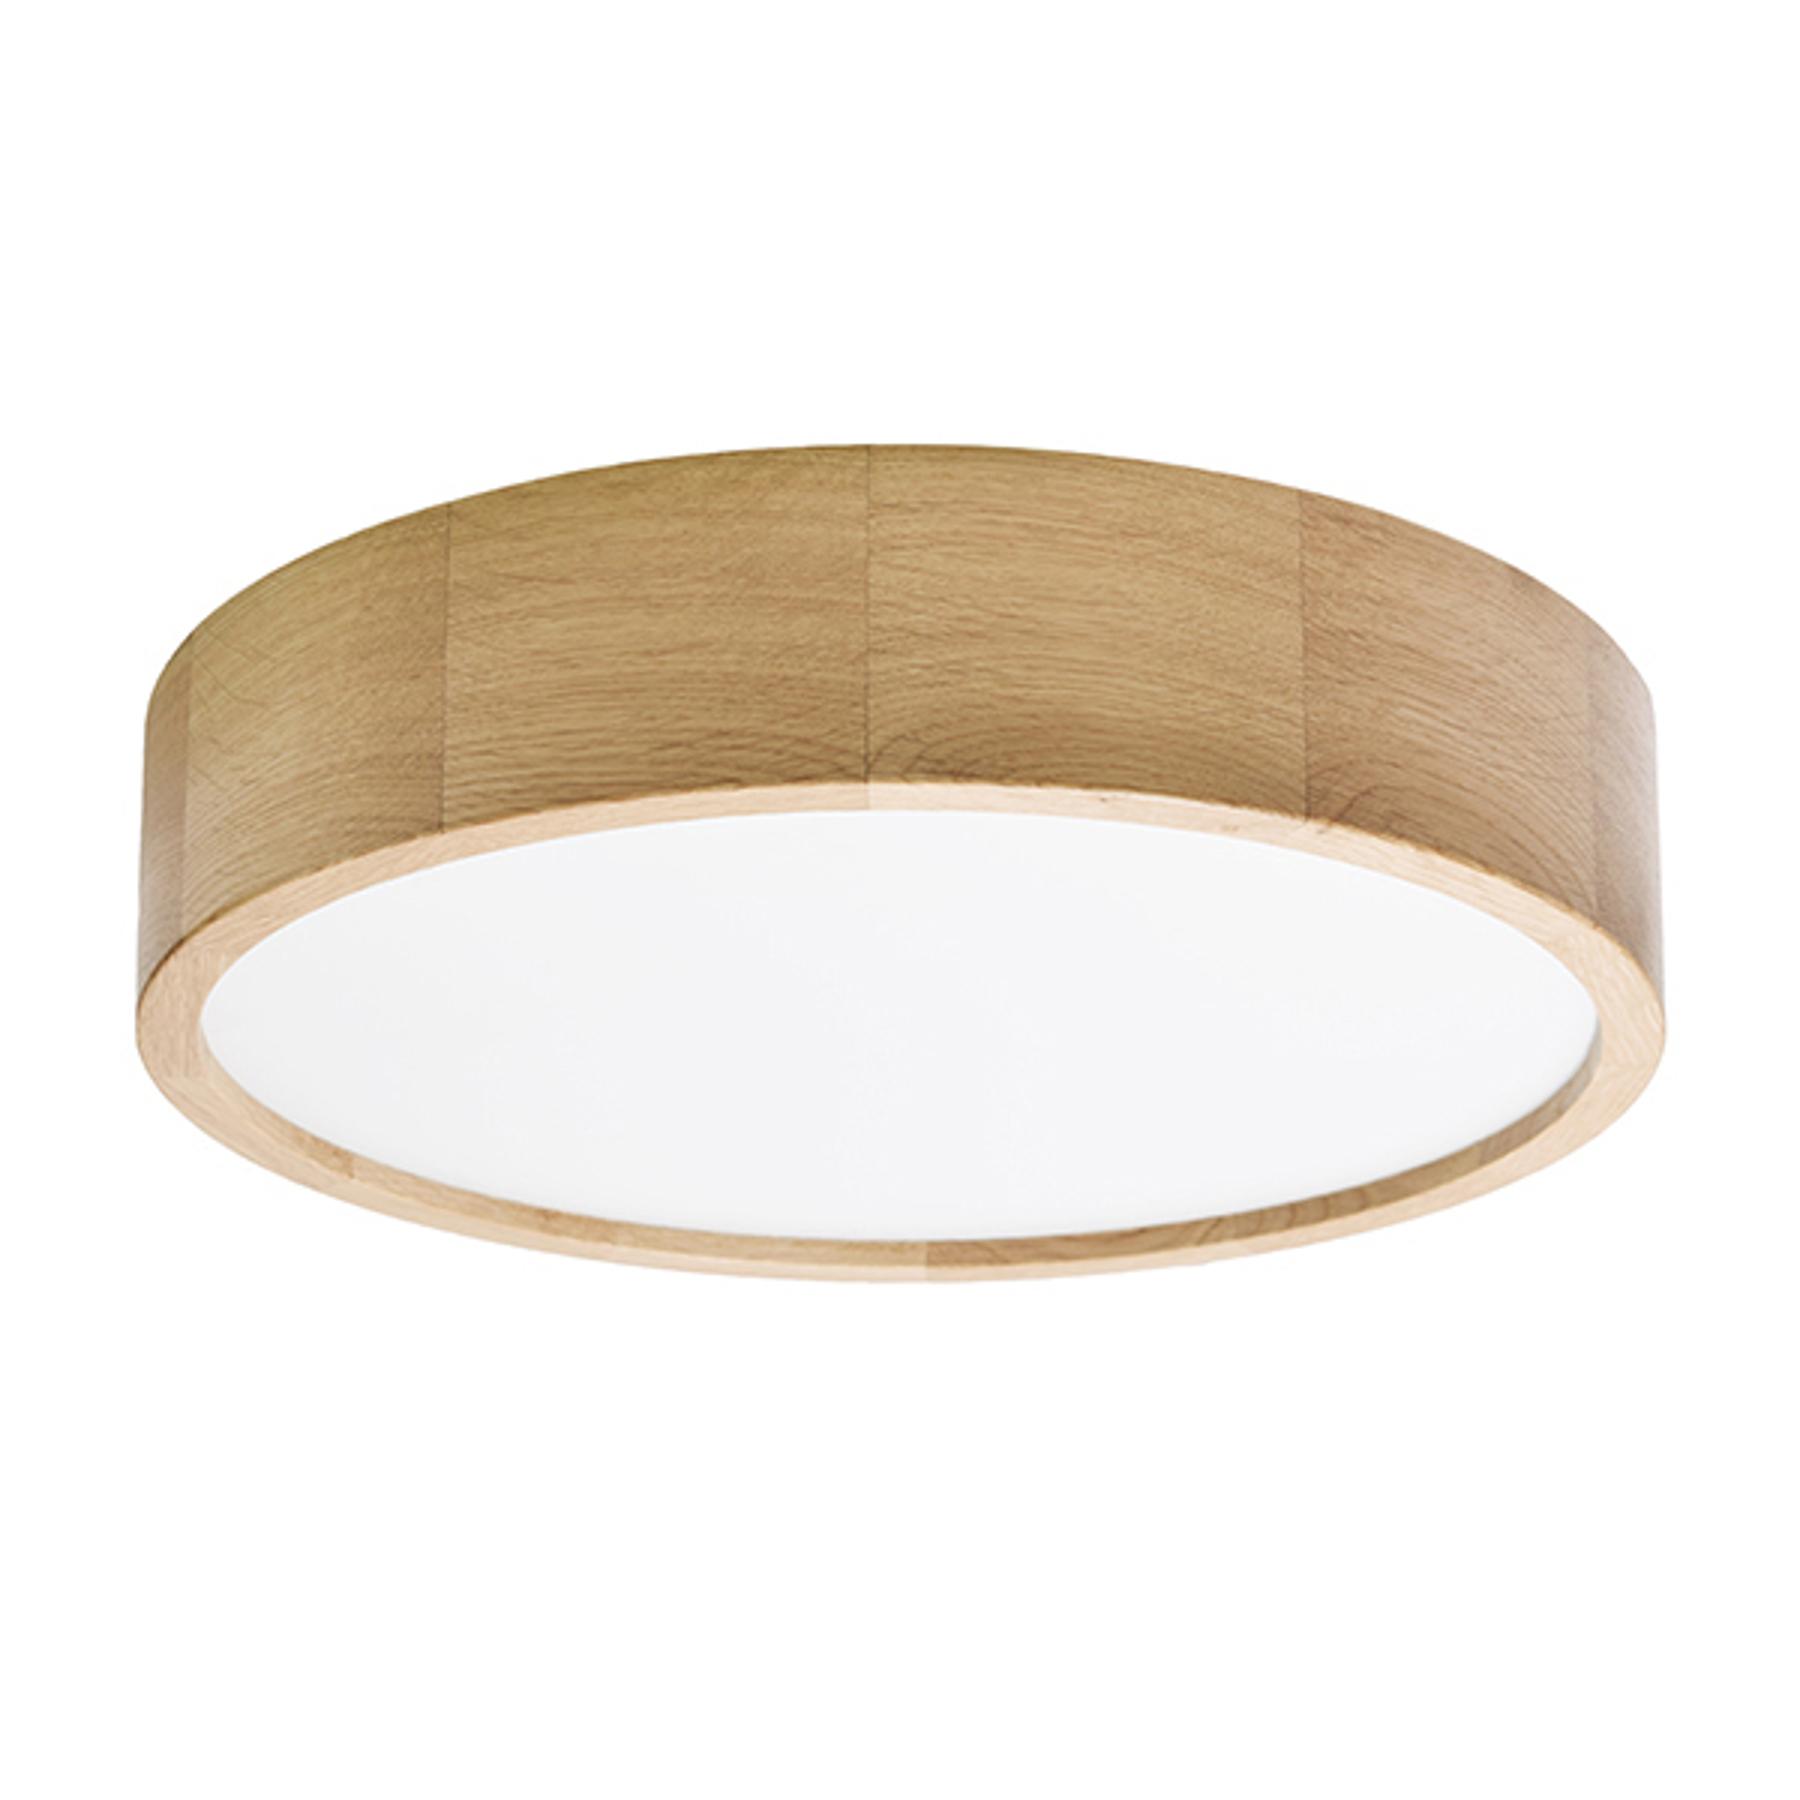 Lampa sufitowa Cleo, Ø 38 cm, dąb